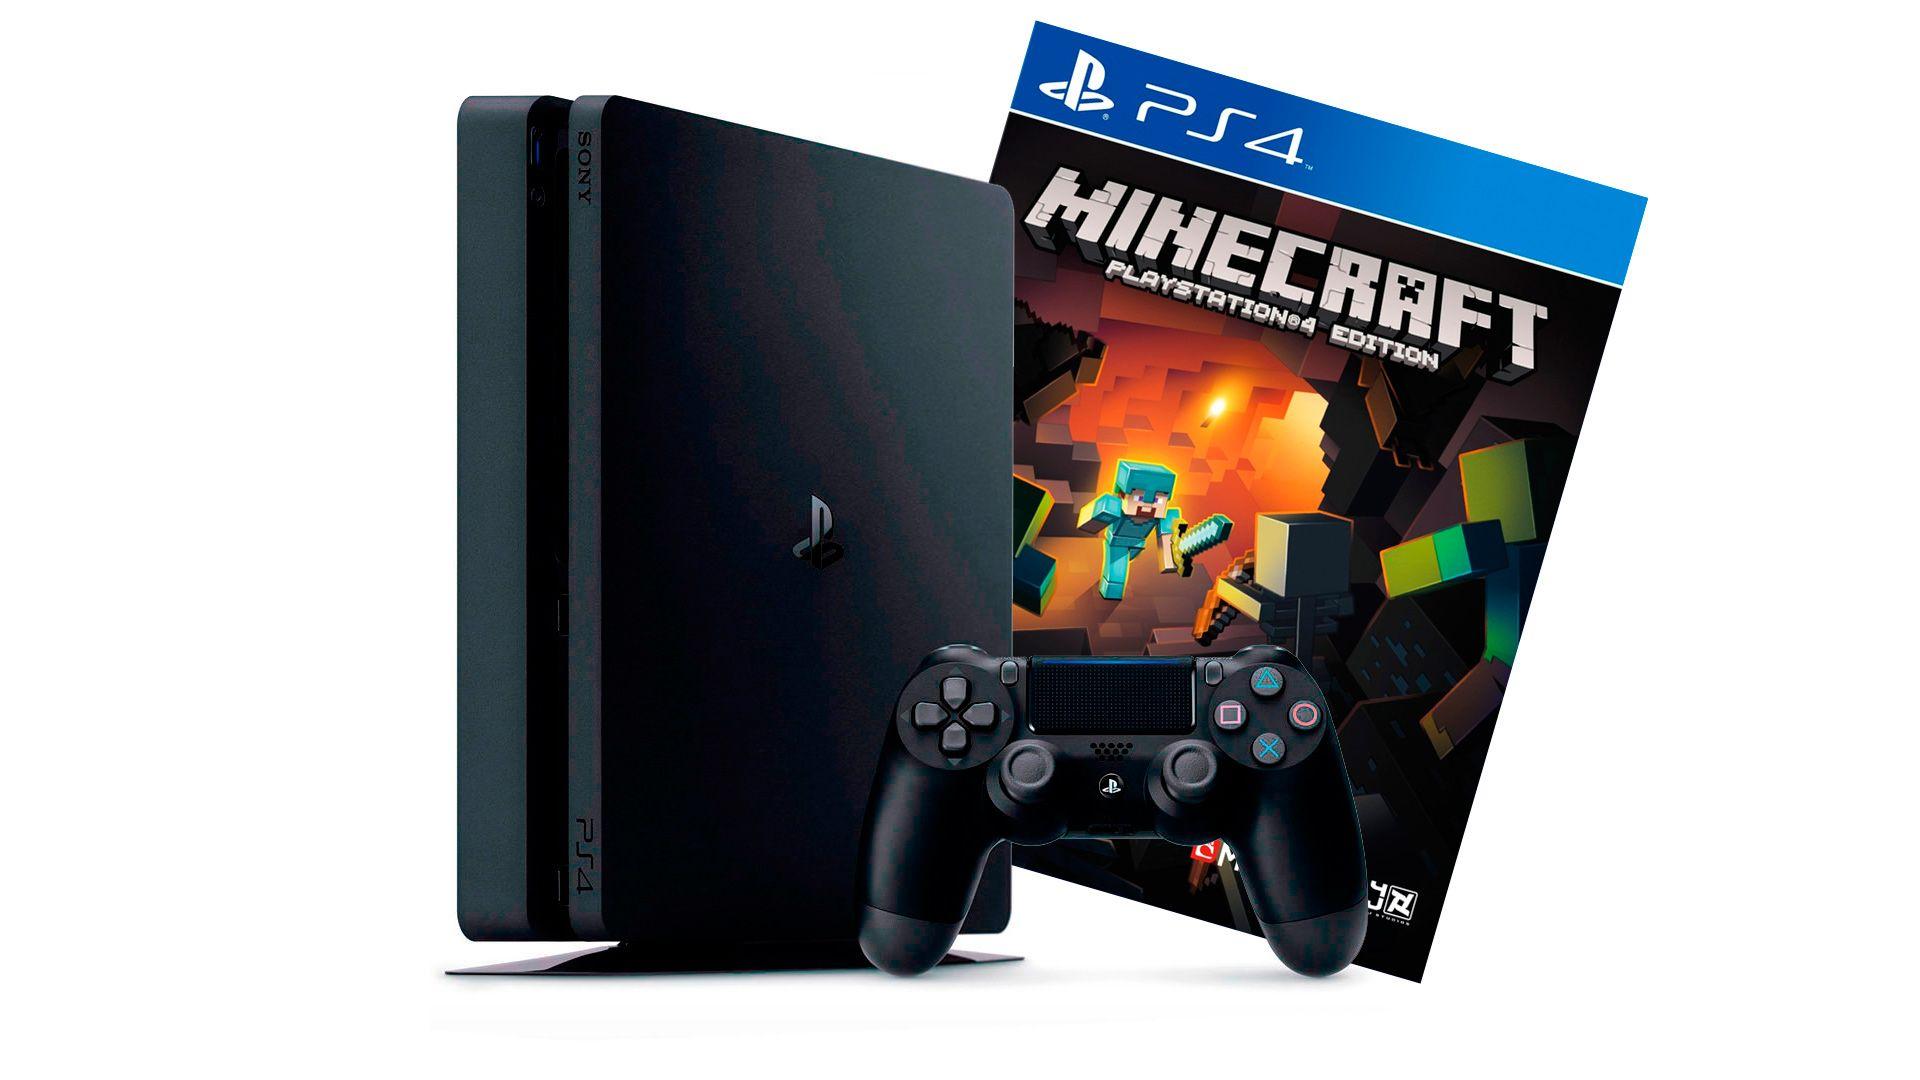 PlayStation 4 Slim 500Gb игровая приставка с игрой Minecraft [PS4S5MK]